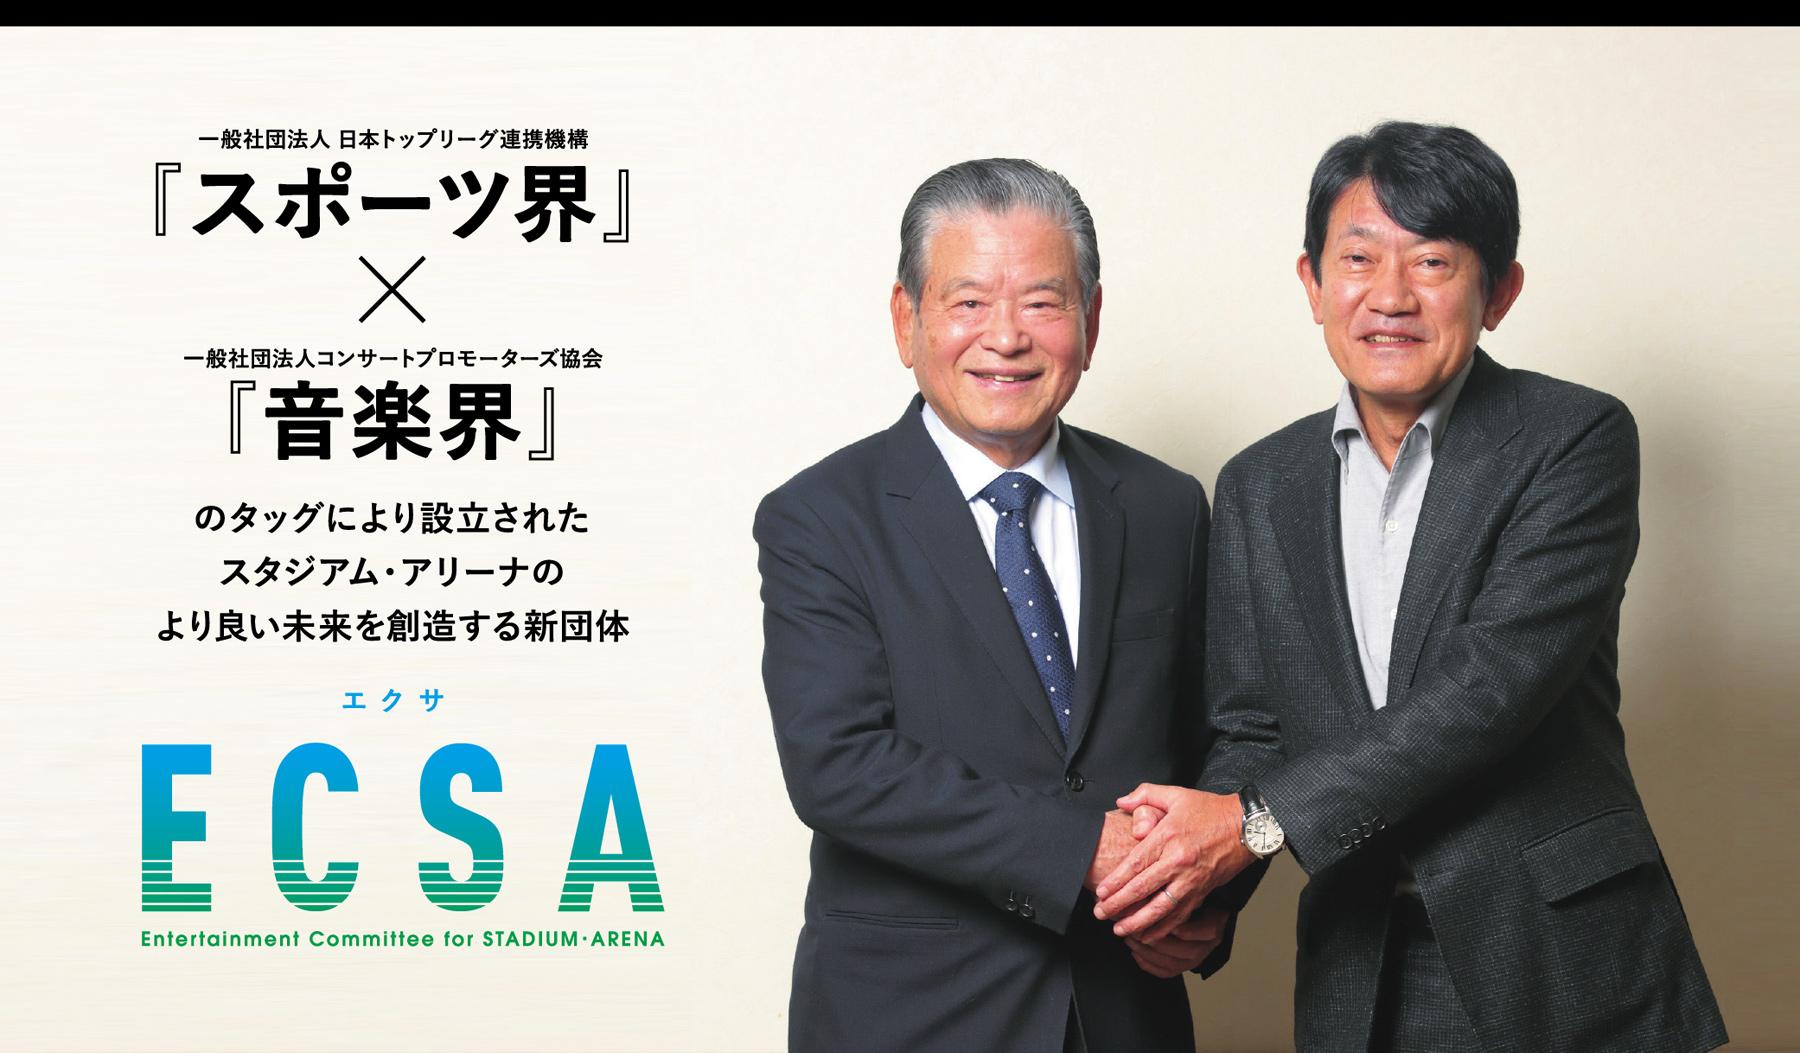 一般社団法人 日本トップリーグ連携機構『スポーツ界』×一般社団法人コンサートプロモータズ協会『音楽界』のタッグにより設立されたスタジアム・アリーナのより良い未来を創造する新団体 エクサ ECSA